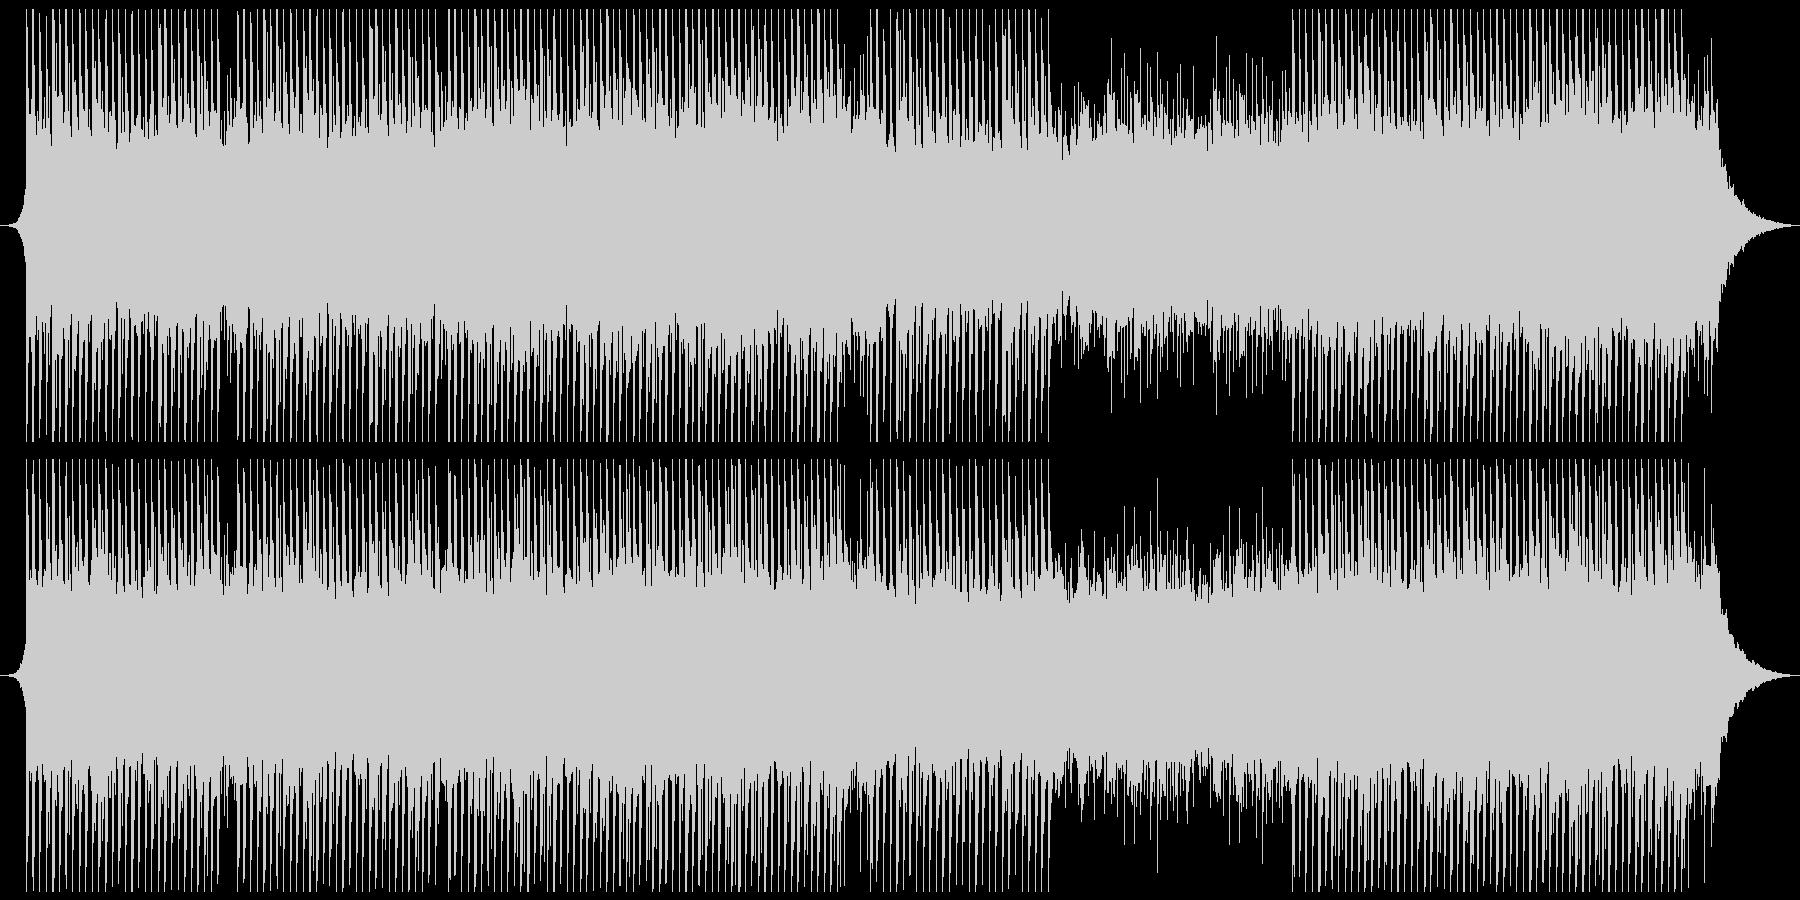 感動的で意図的な企業音楽の未再生の波形